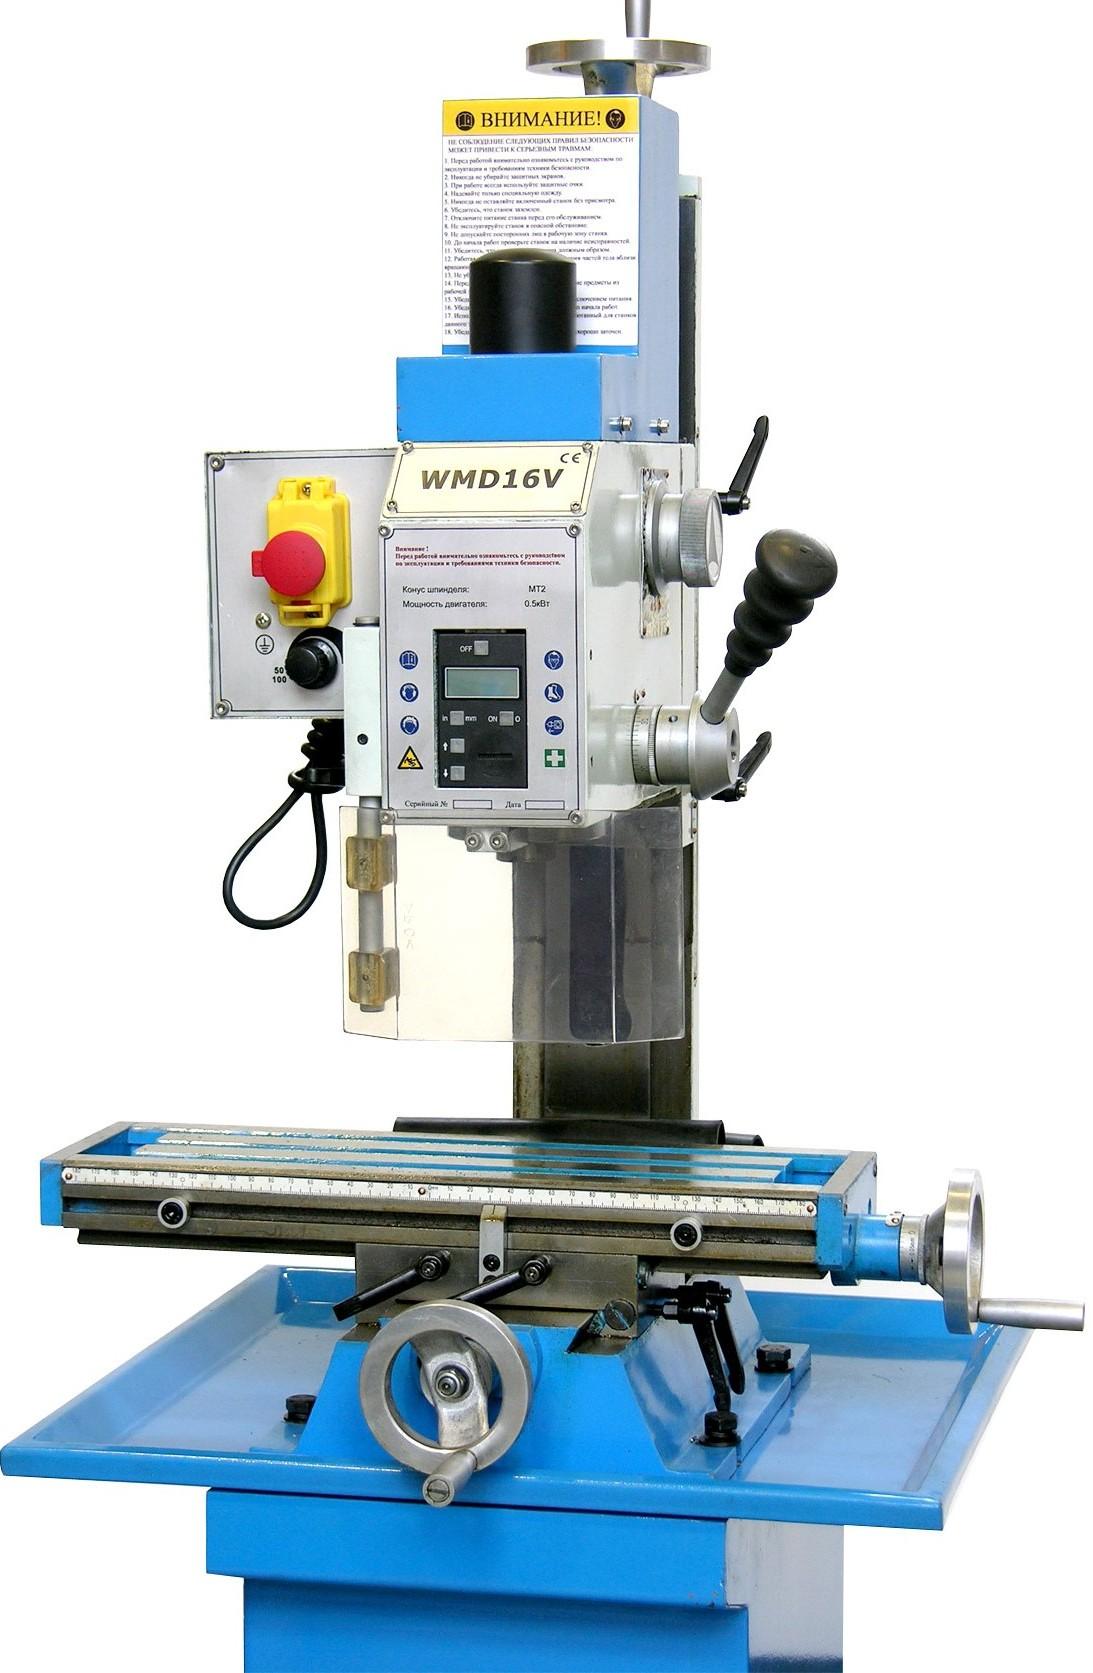 На сверлильно-фрезерных станках можно эффективно и точно выполнять обработку деталей с криволинейными поверхностями, осуществлять калибровку, формировать отверстия